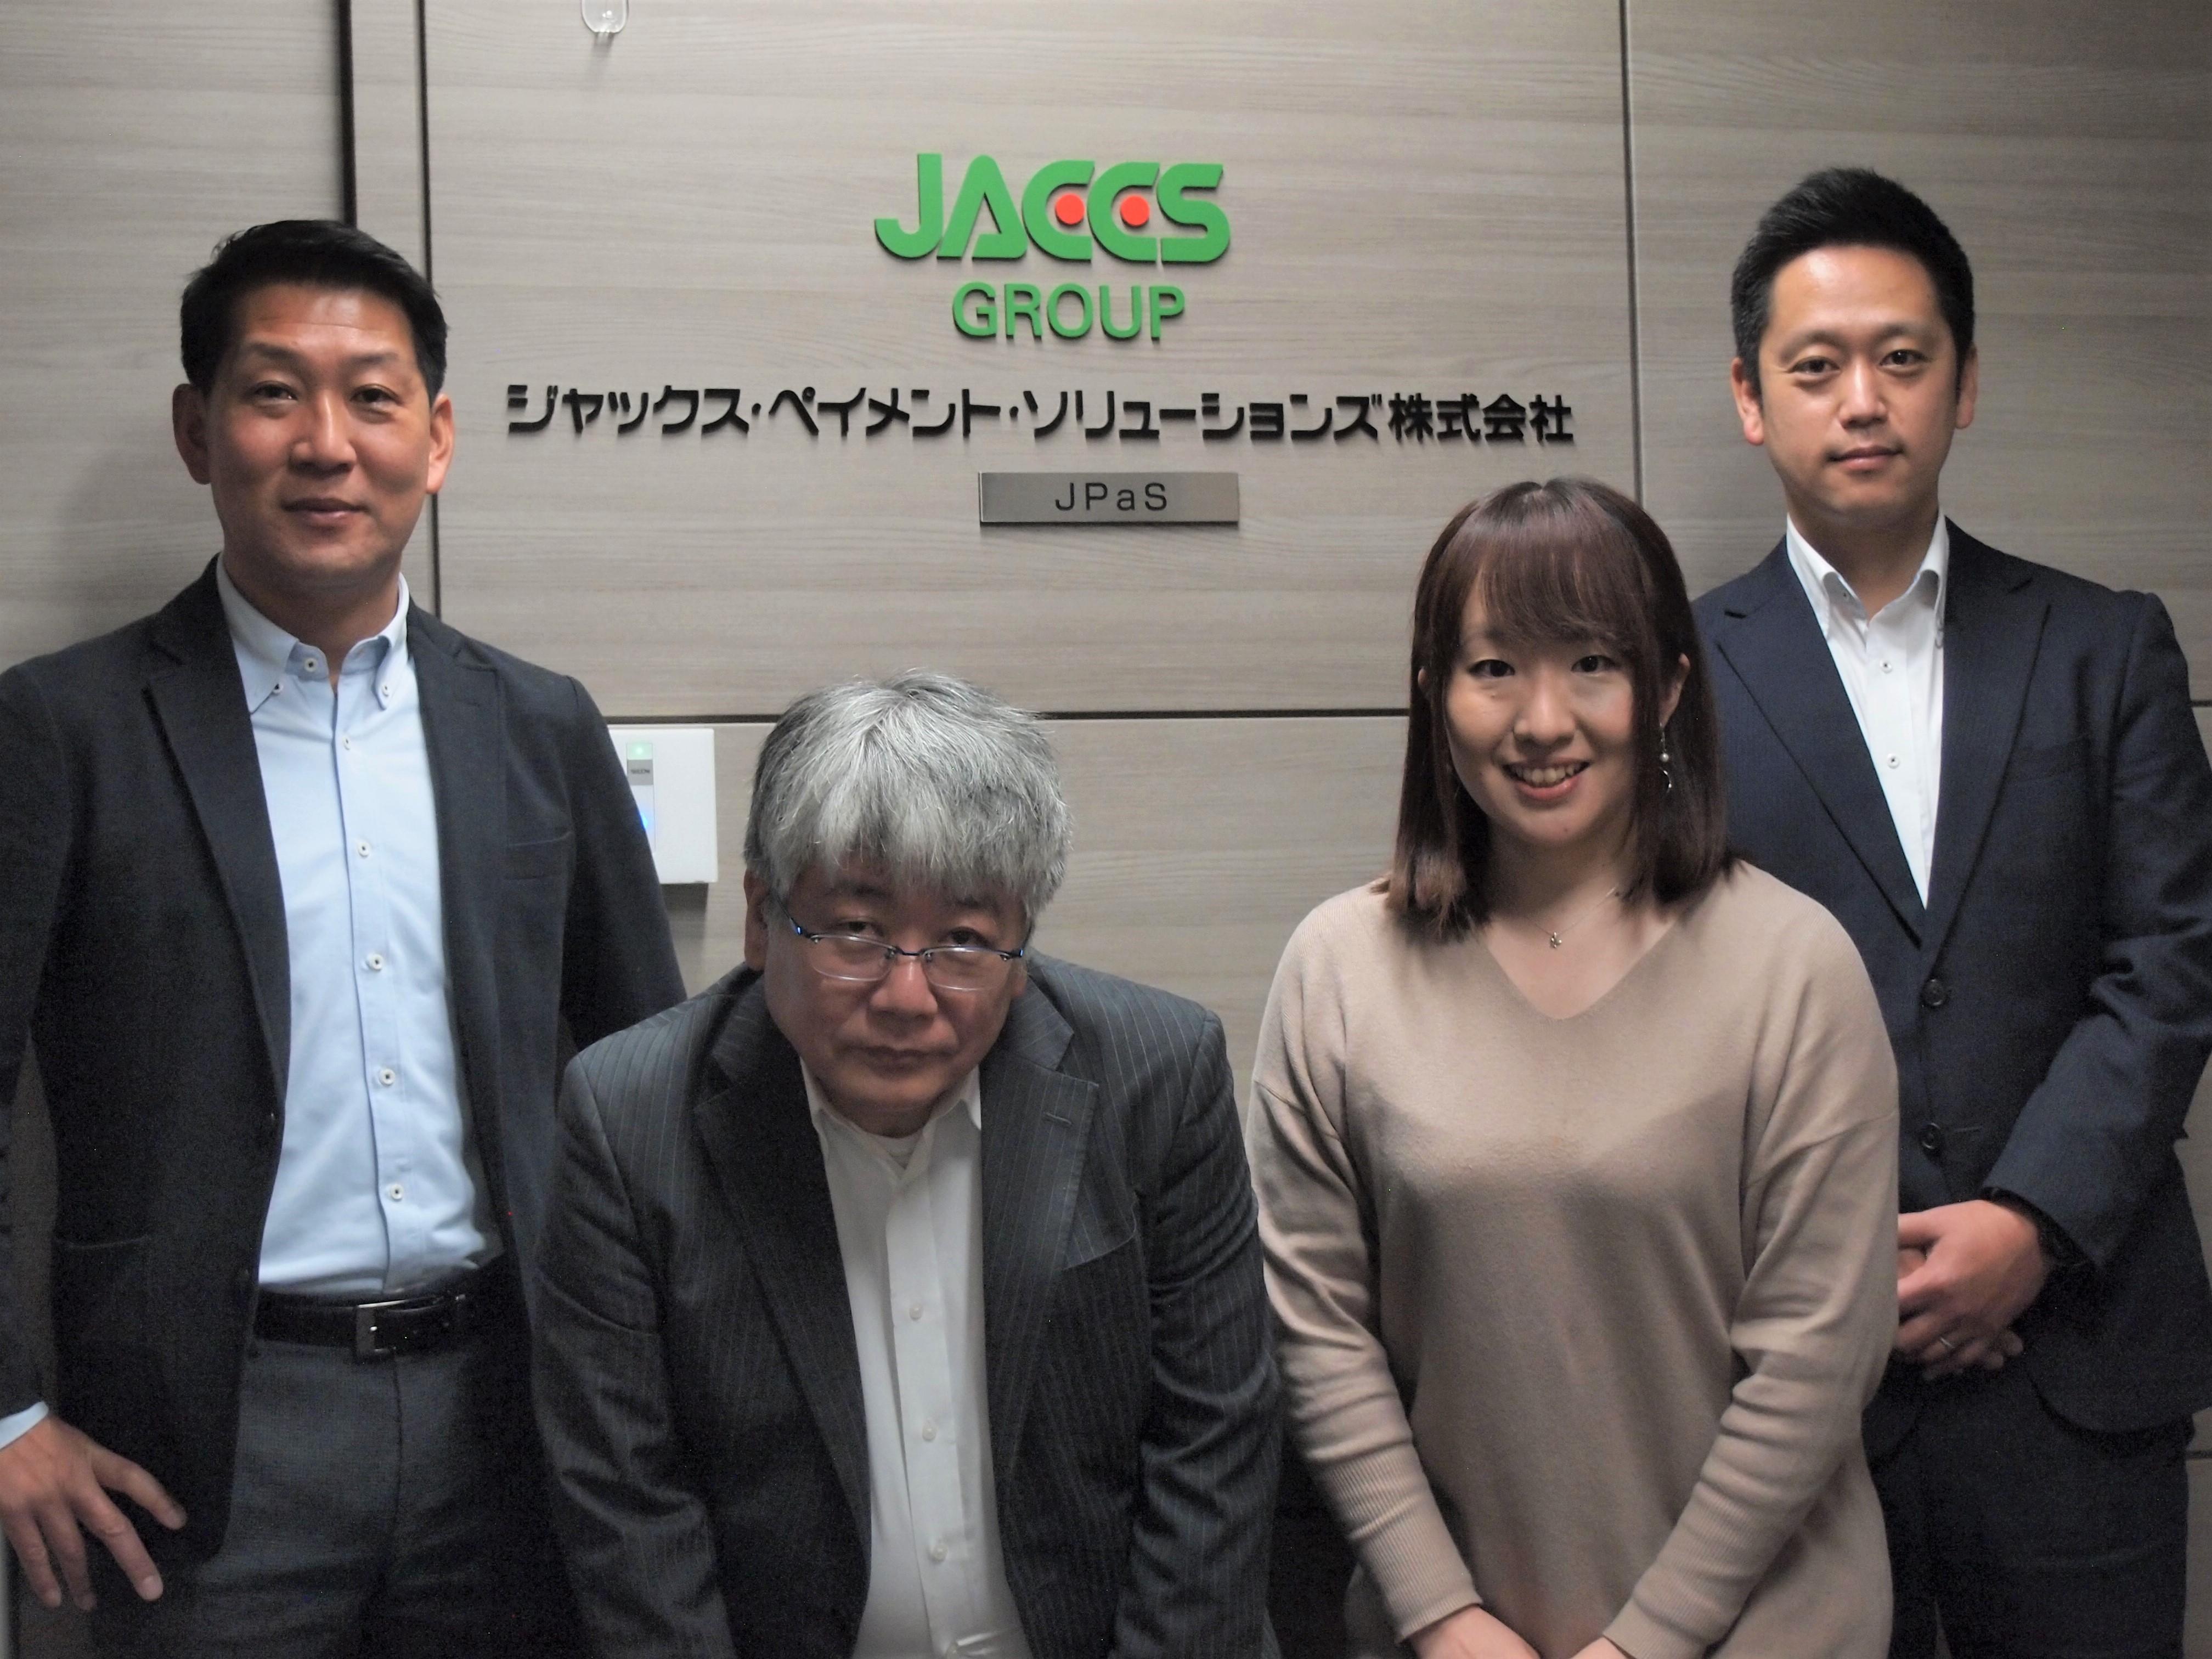 ジャックス・ペイメントソリューションズ株式会社の服部さん、福田さん、寺崎さん